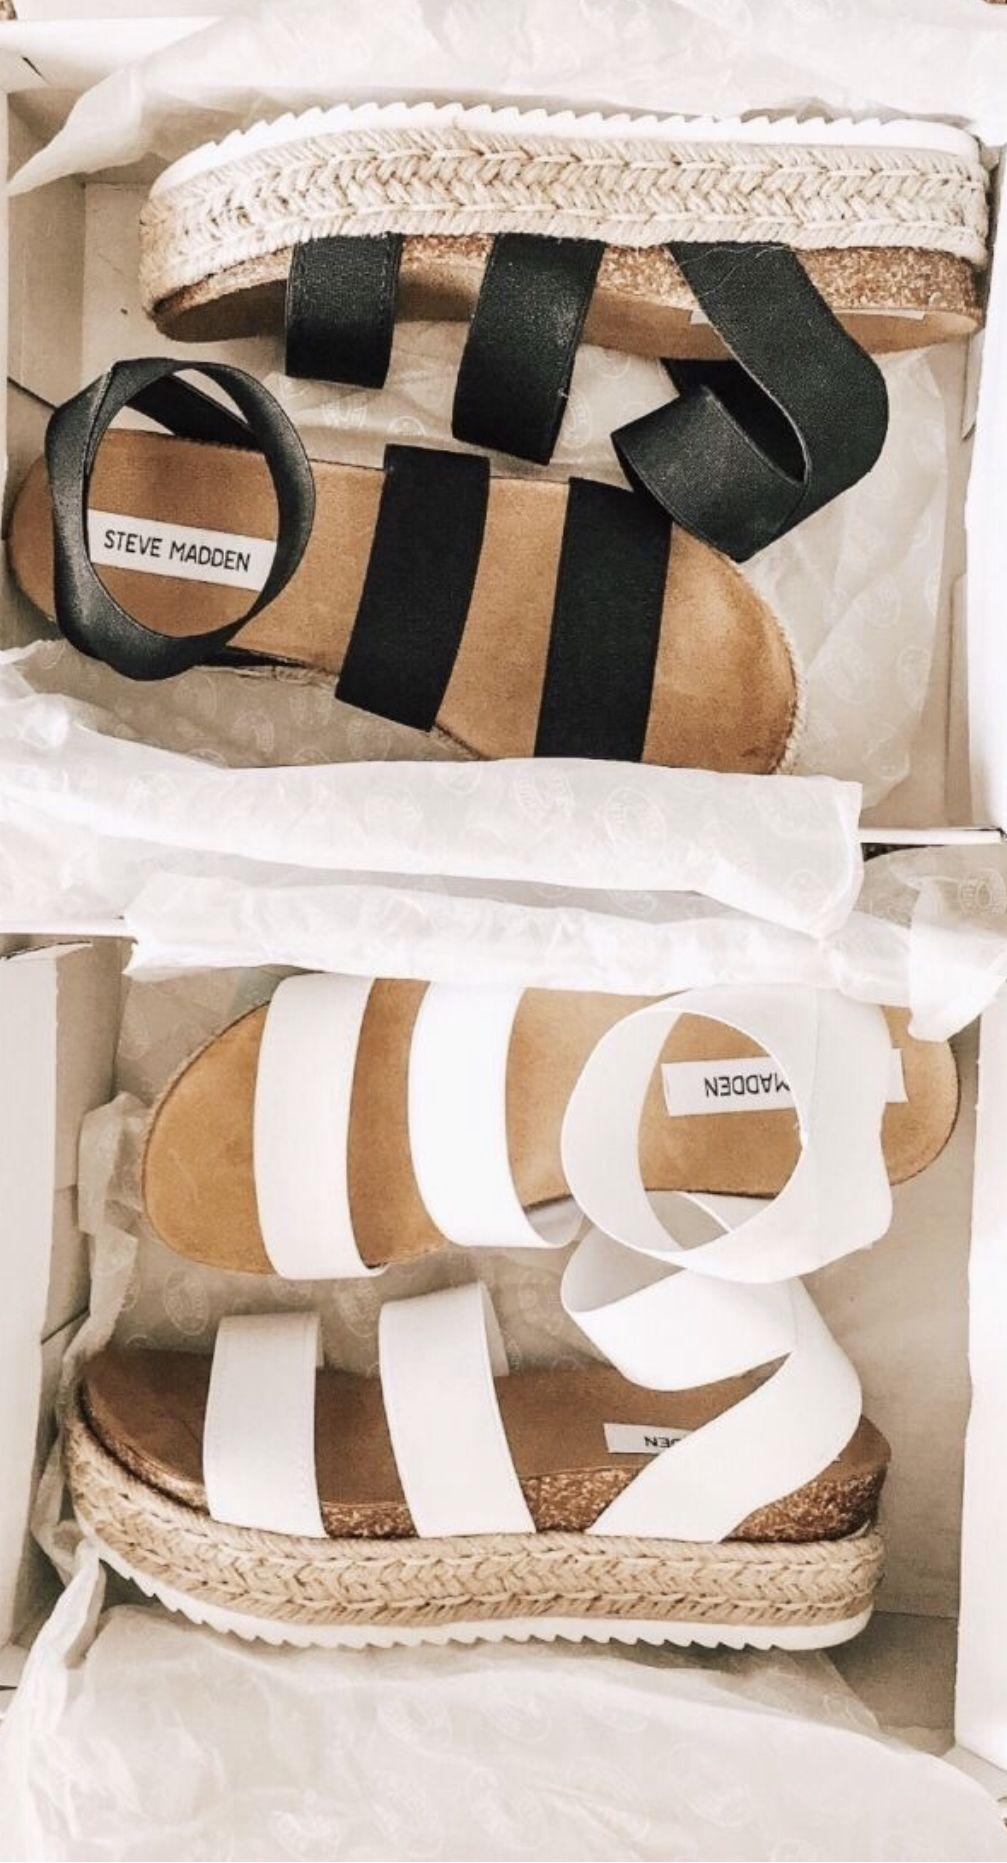 El uno al otro audición Paseo  Pin by Lynsey on c l o t h e s / s h o e s   Steve madden platform sandals,  Shoes, Dream shoes